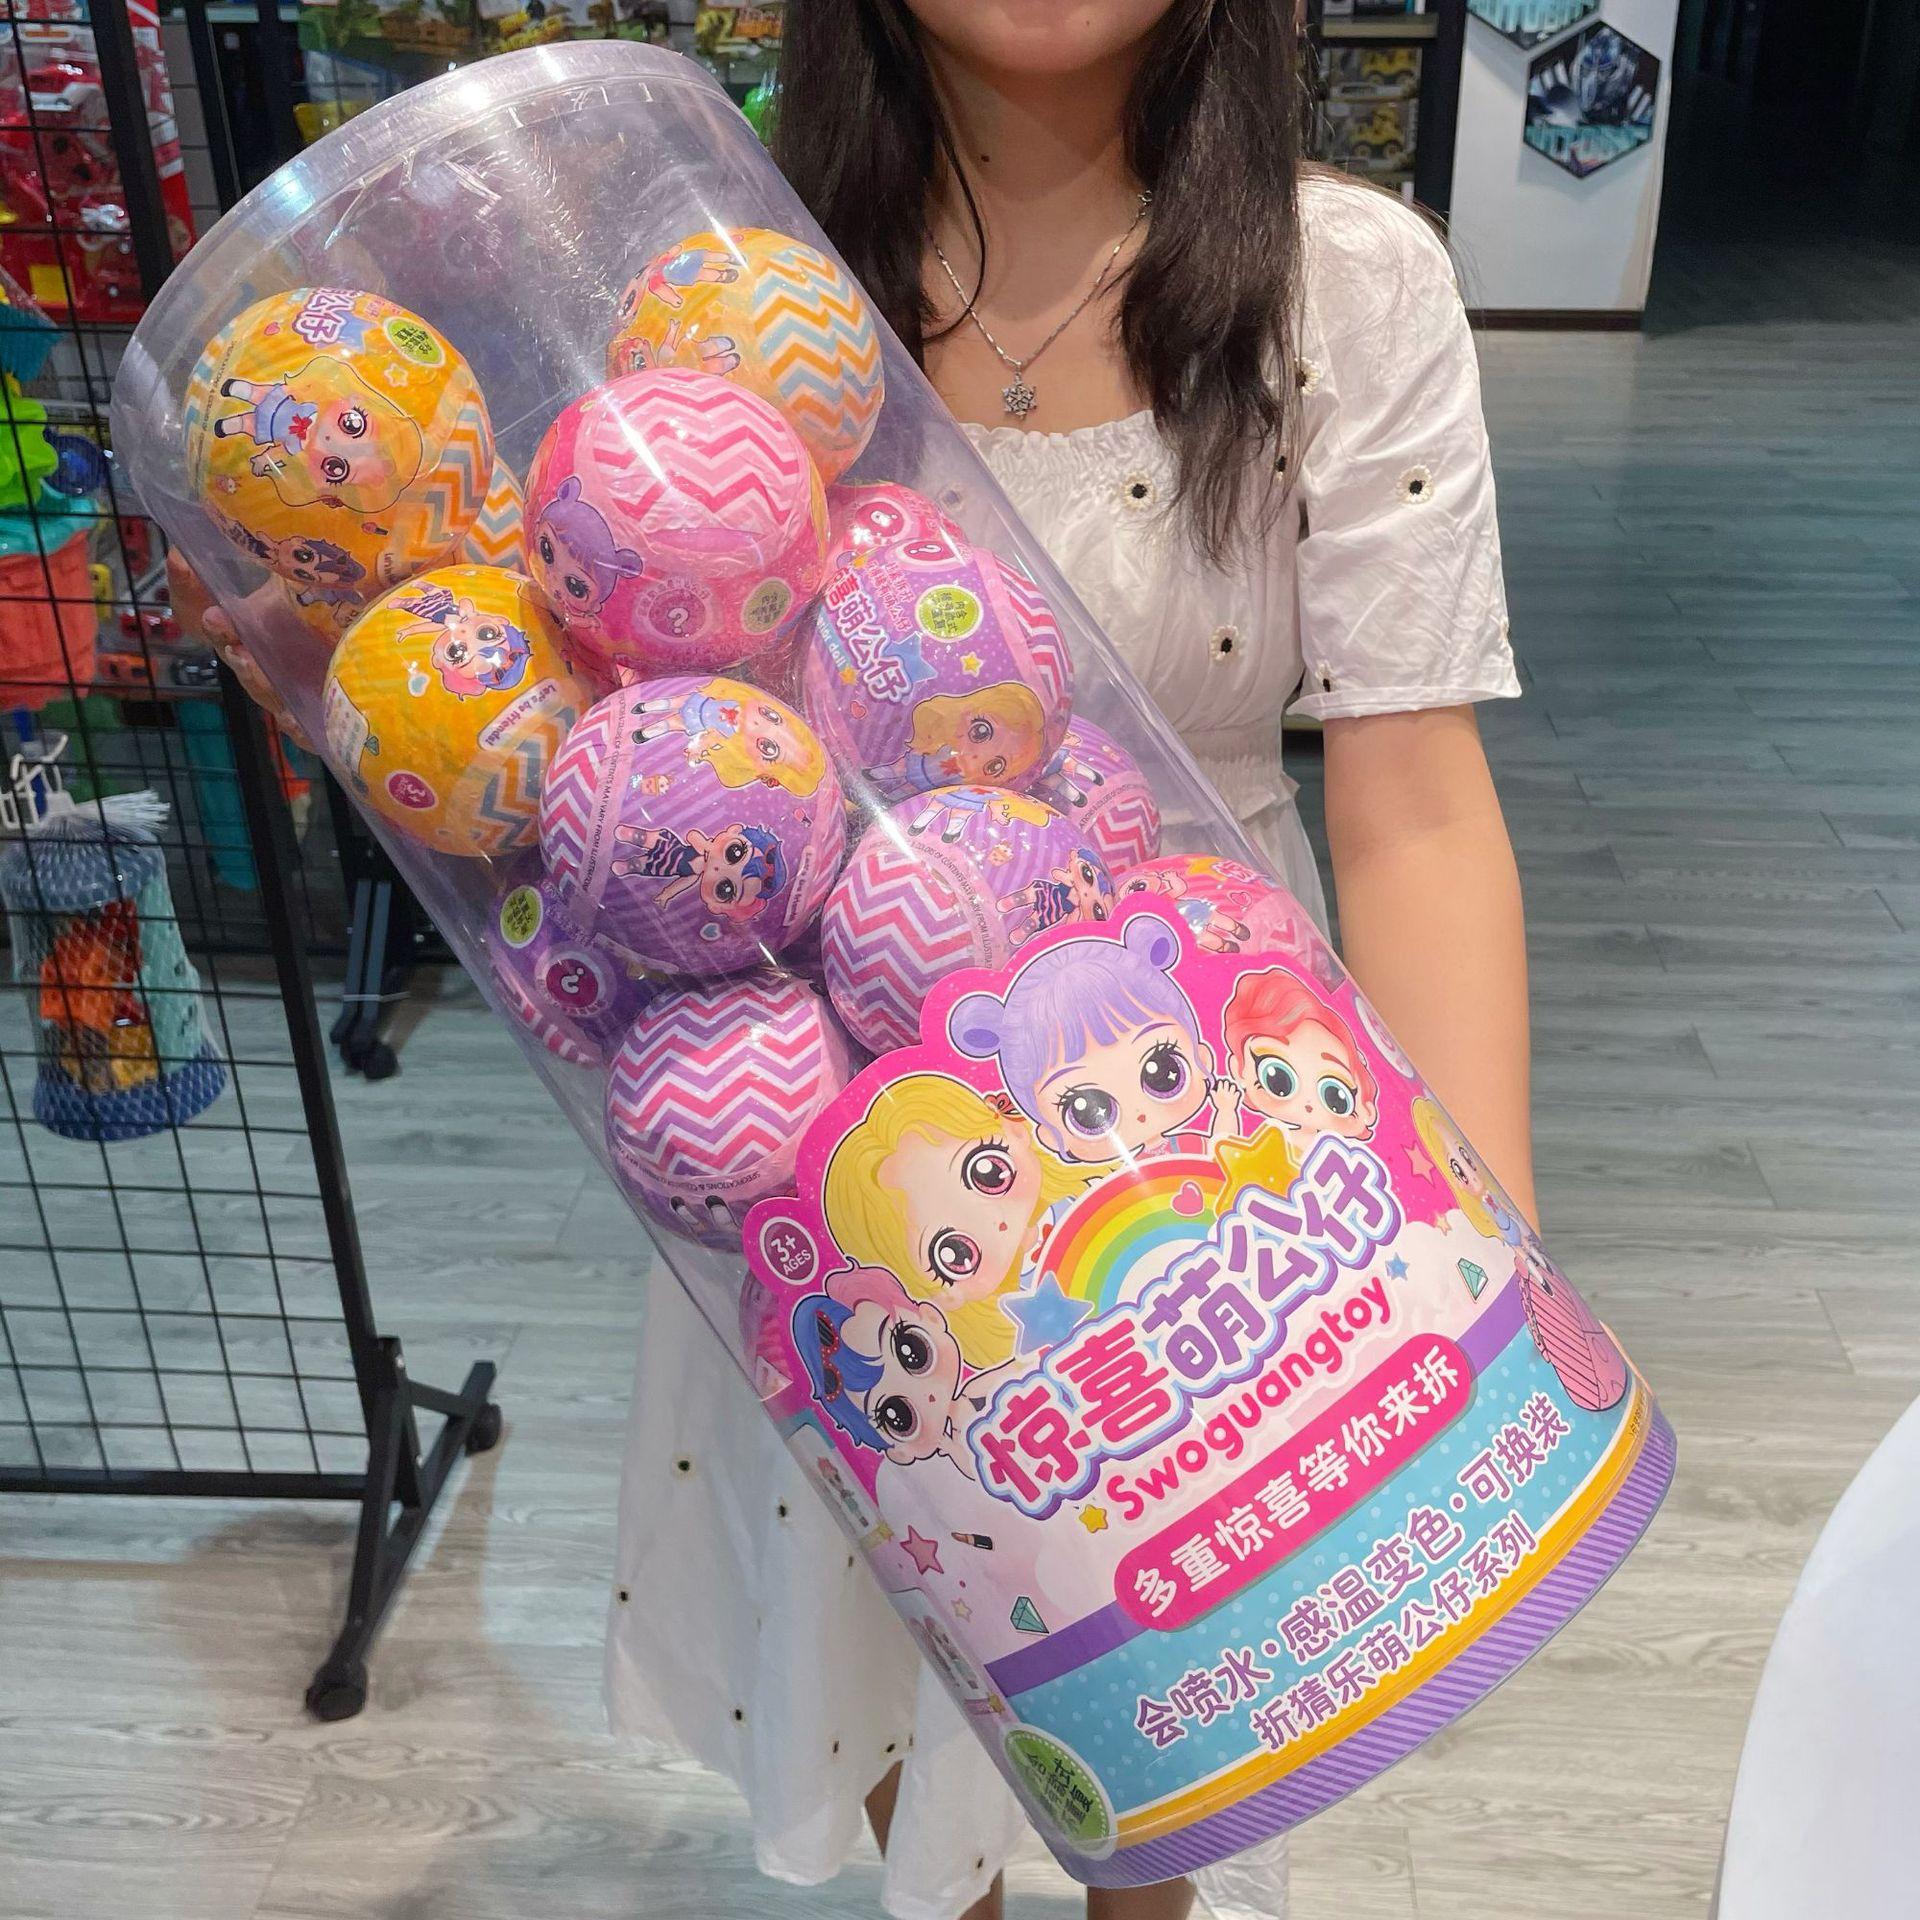 儿童玩具桶装盲盒9.5cm惊喜球拆拆乐换装搪胶娃娃女生孩礼物礼品